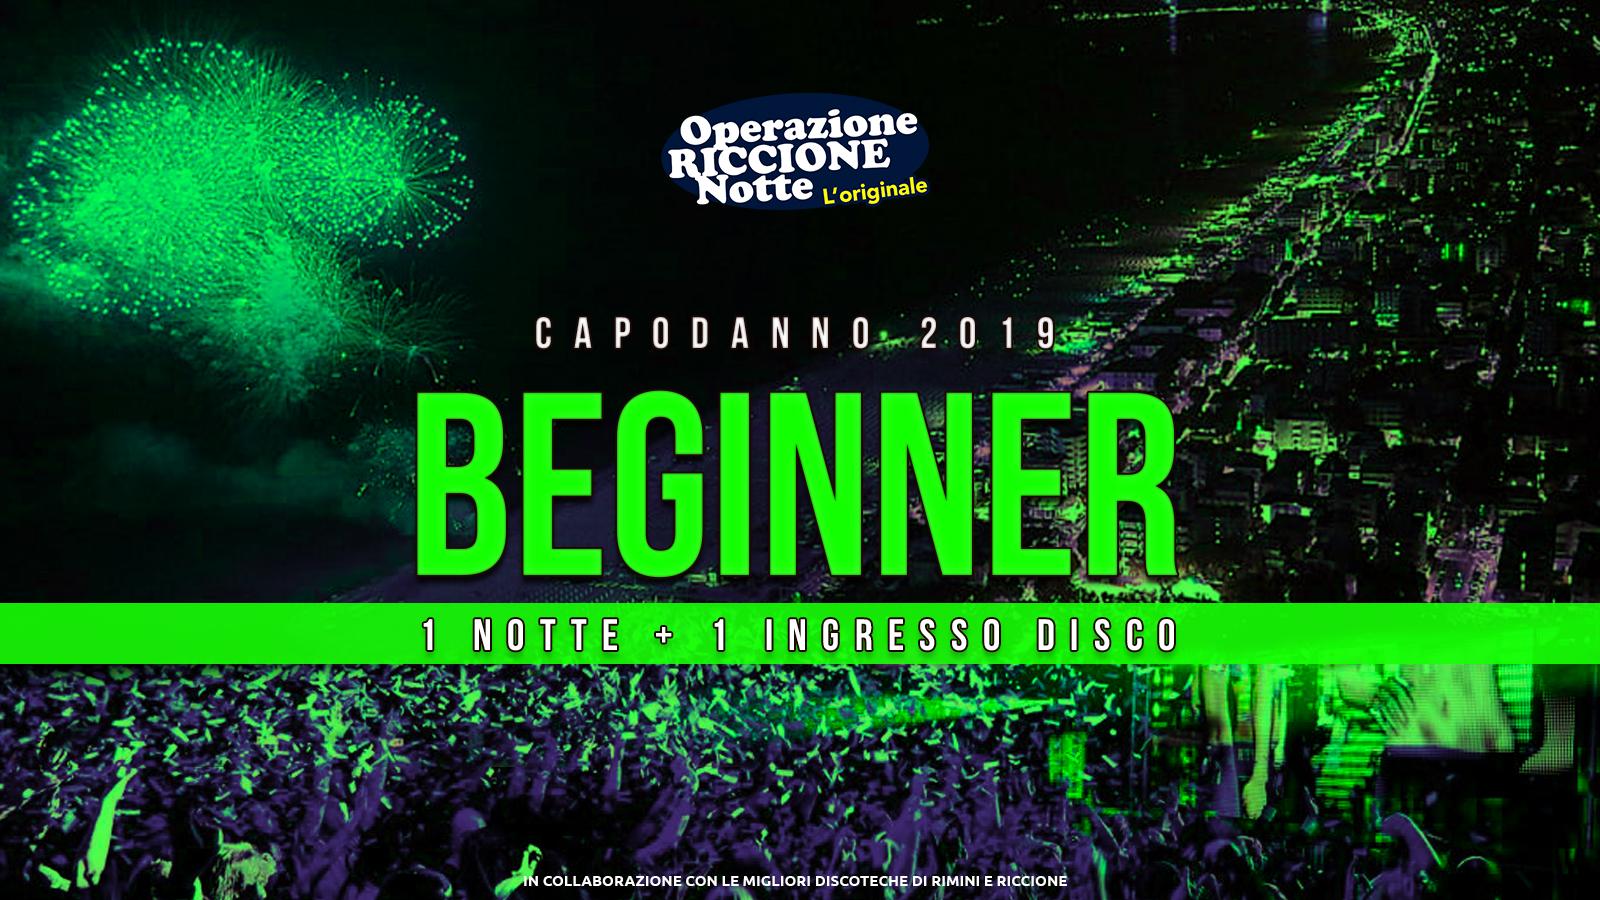 """Capodanno 2019 Riccione Rimini """"Pacchetto Beginner"""" Hotel 1 Notte + Discoteche"""